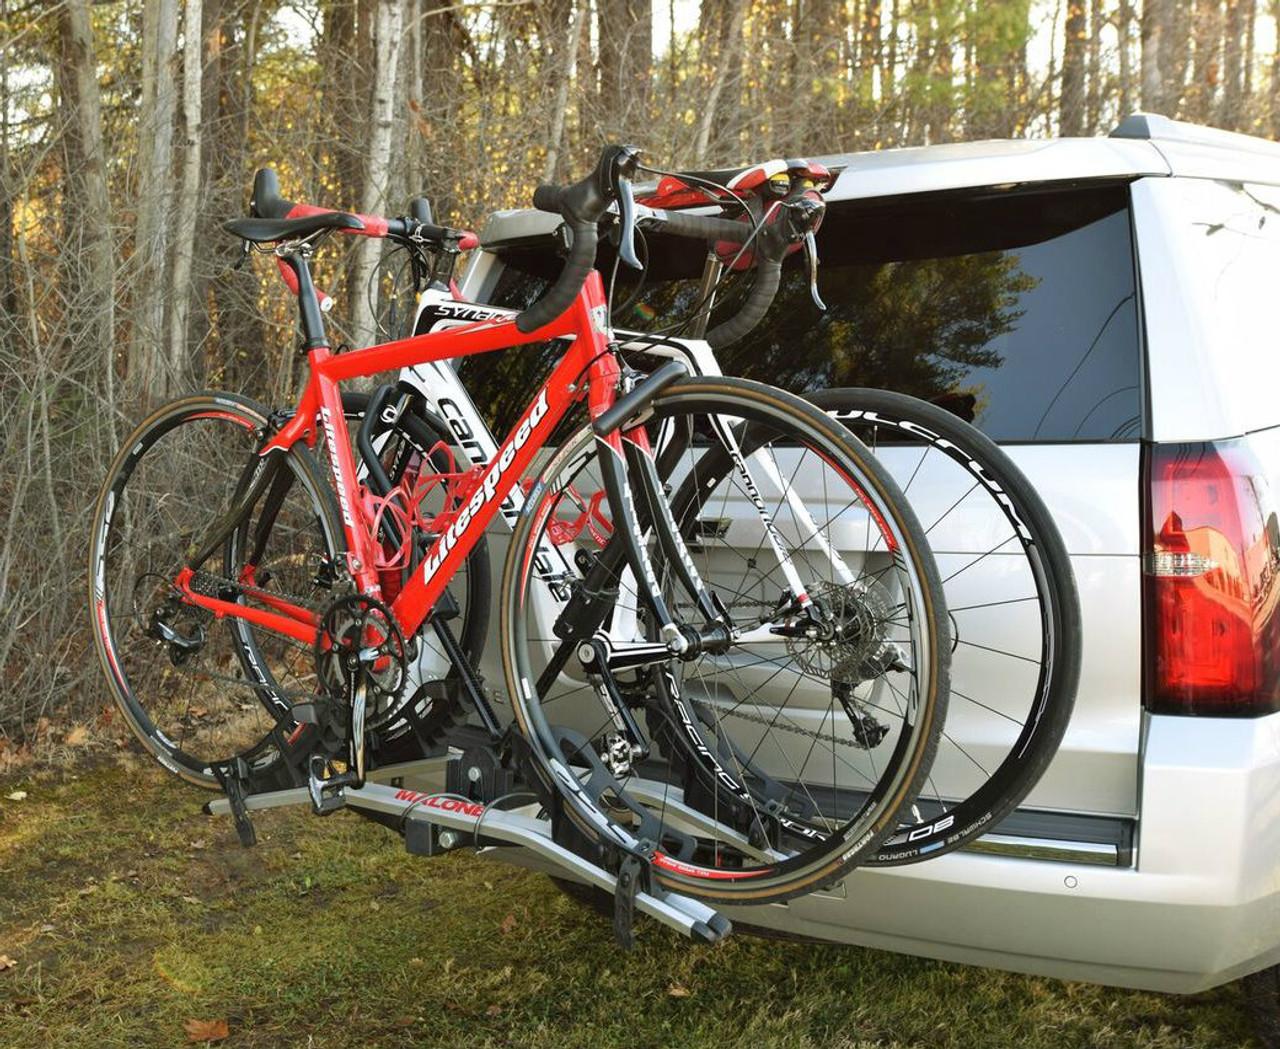 2 Bike Tray Style Car Rack Hitch Mount Bike Rack